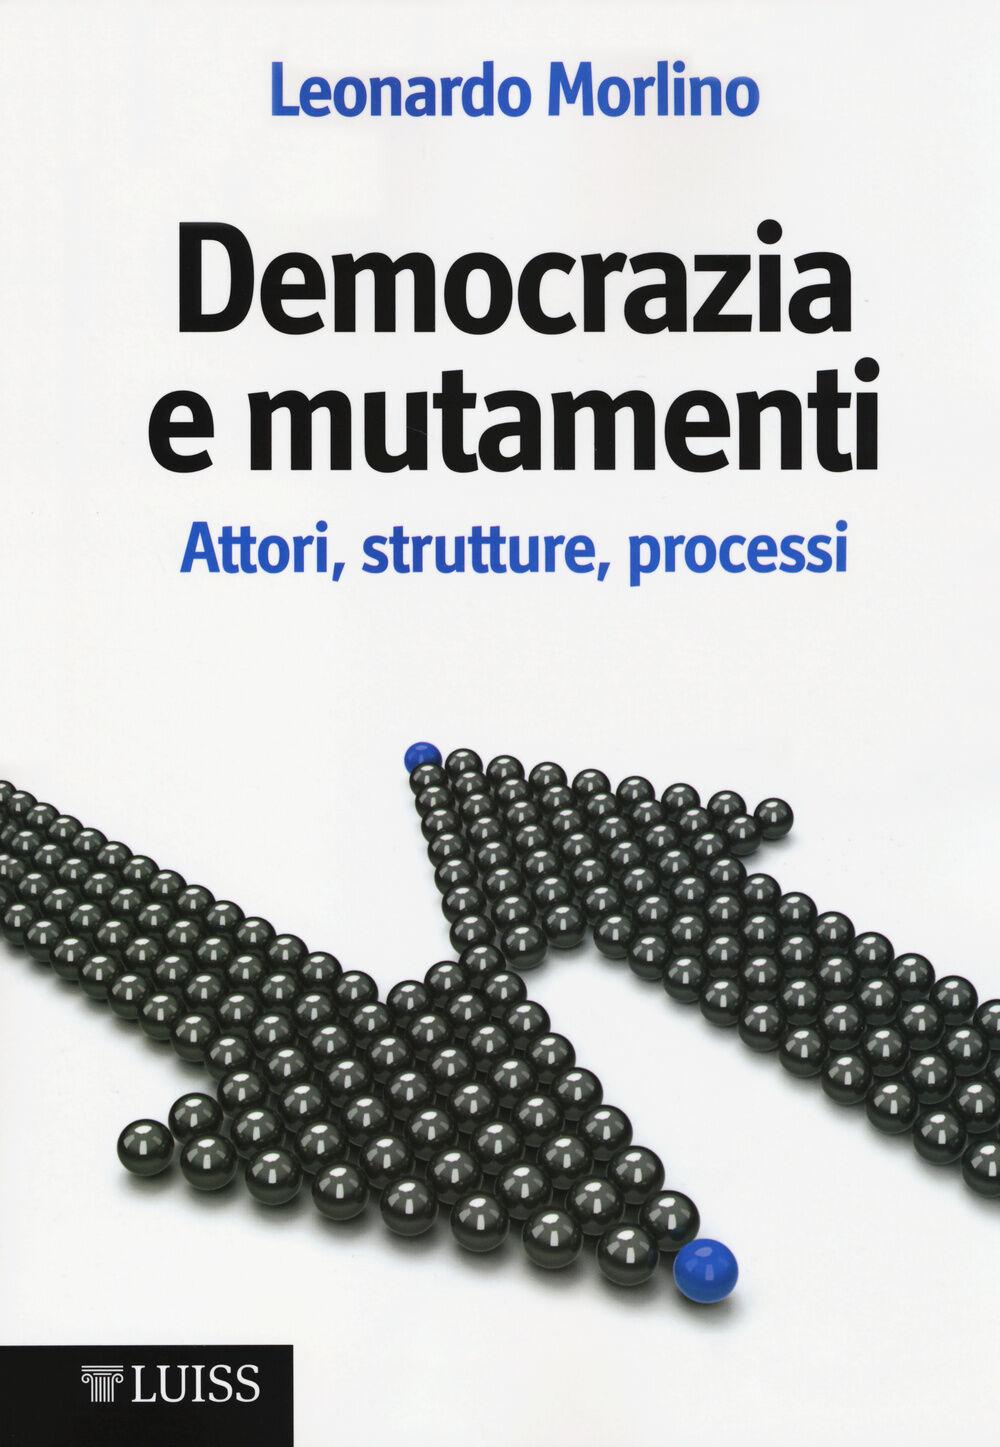 Democrazia e mutamenti. Attori, strutture, processi